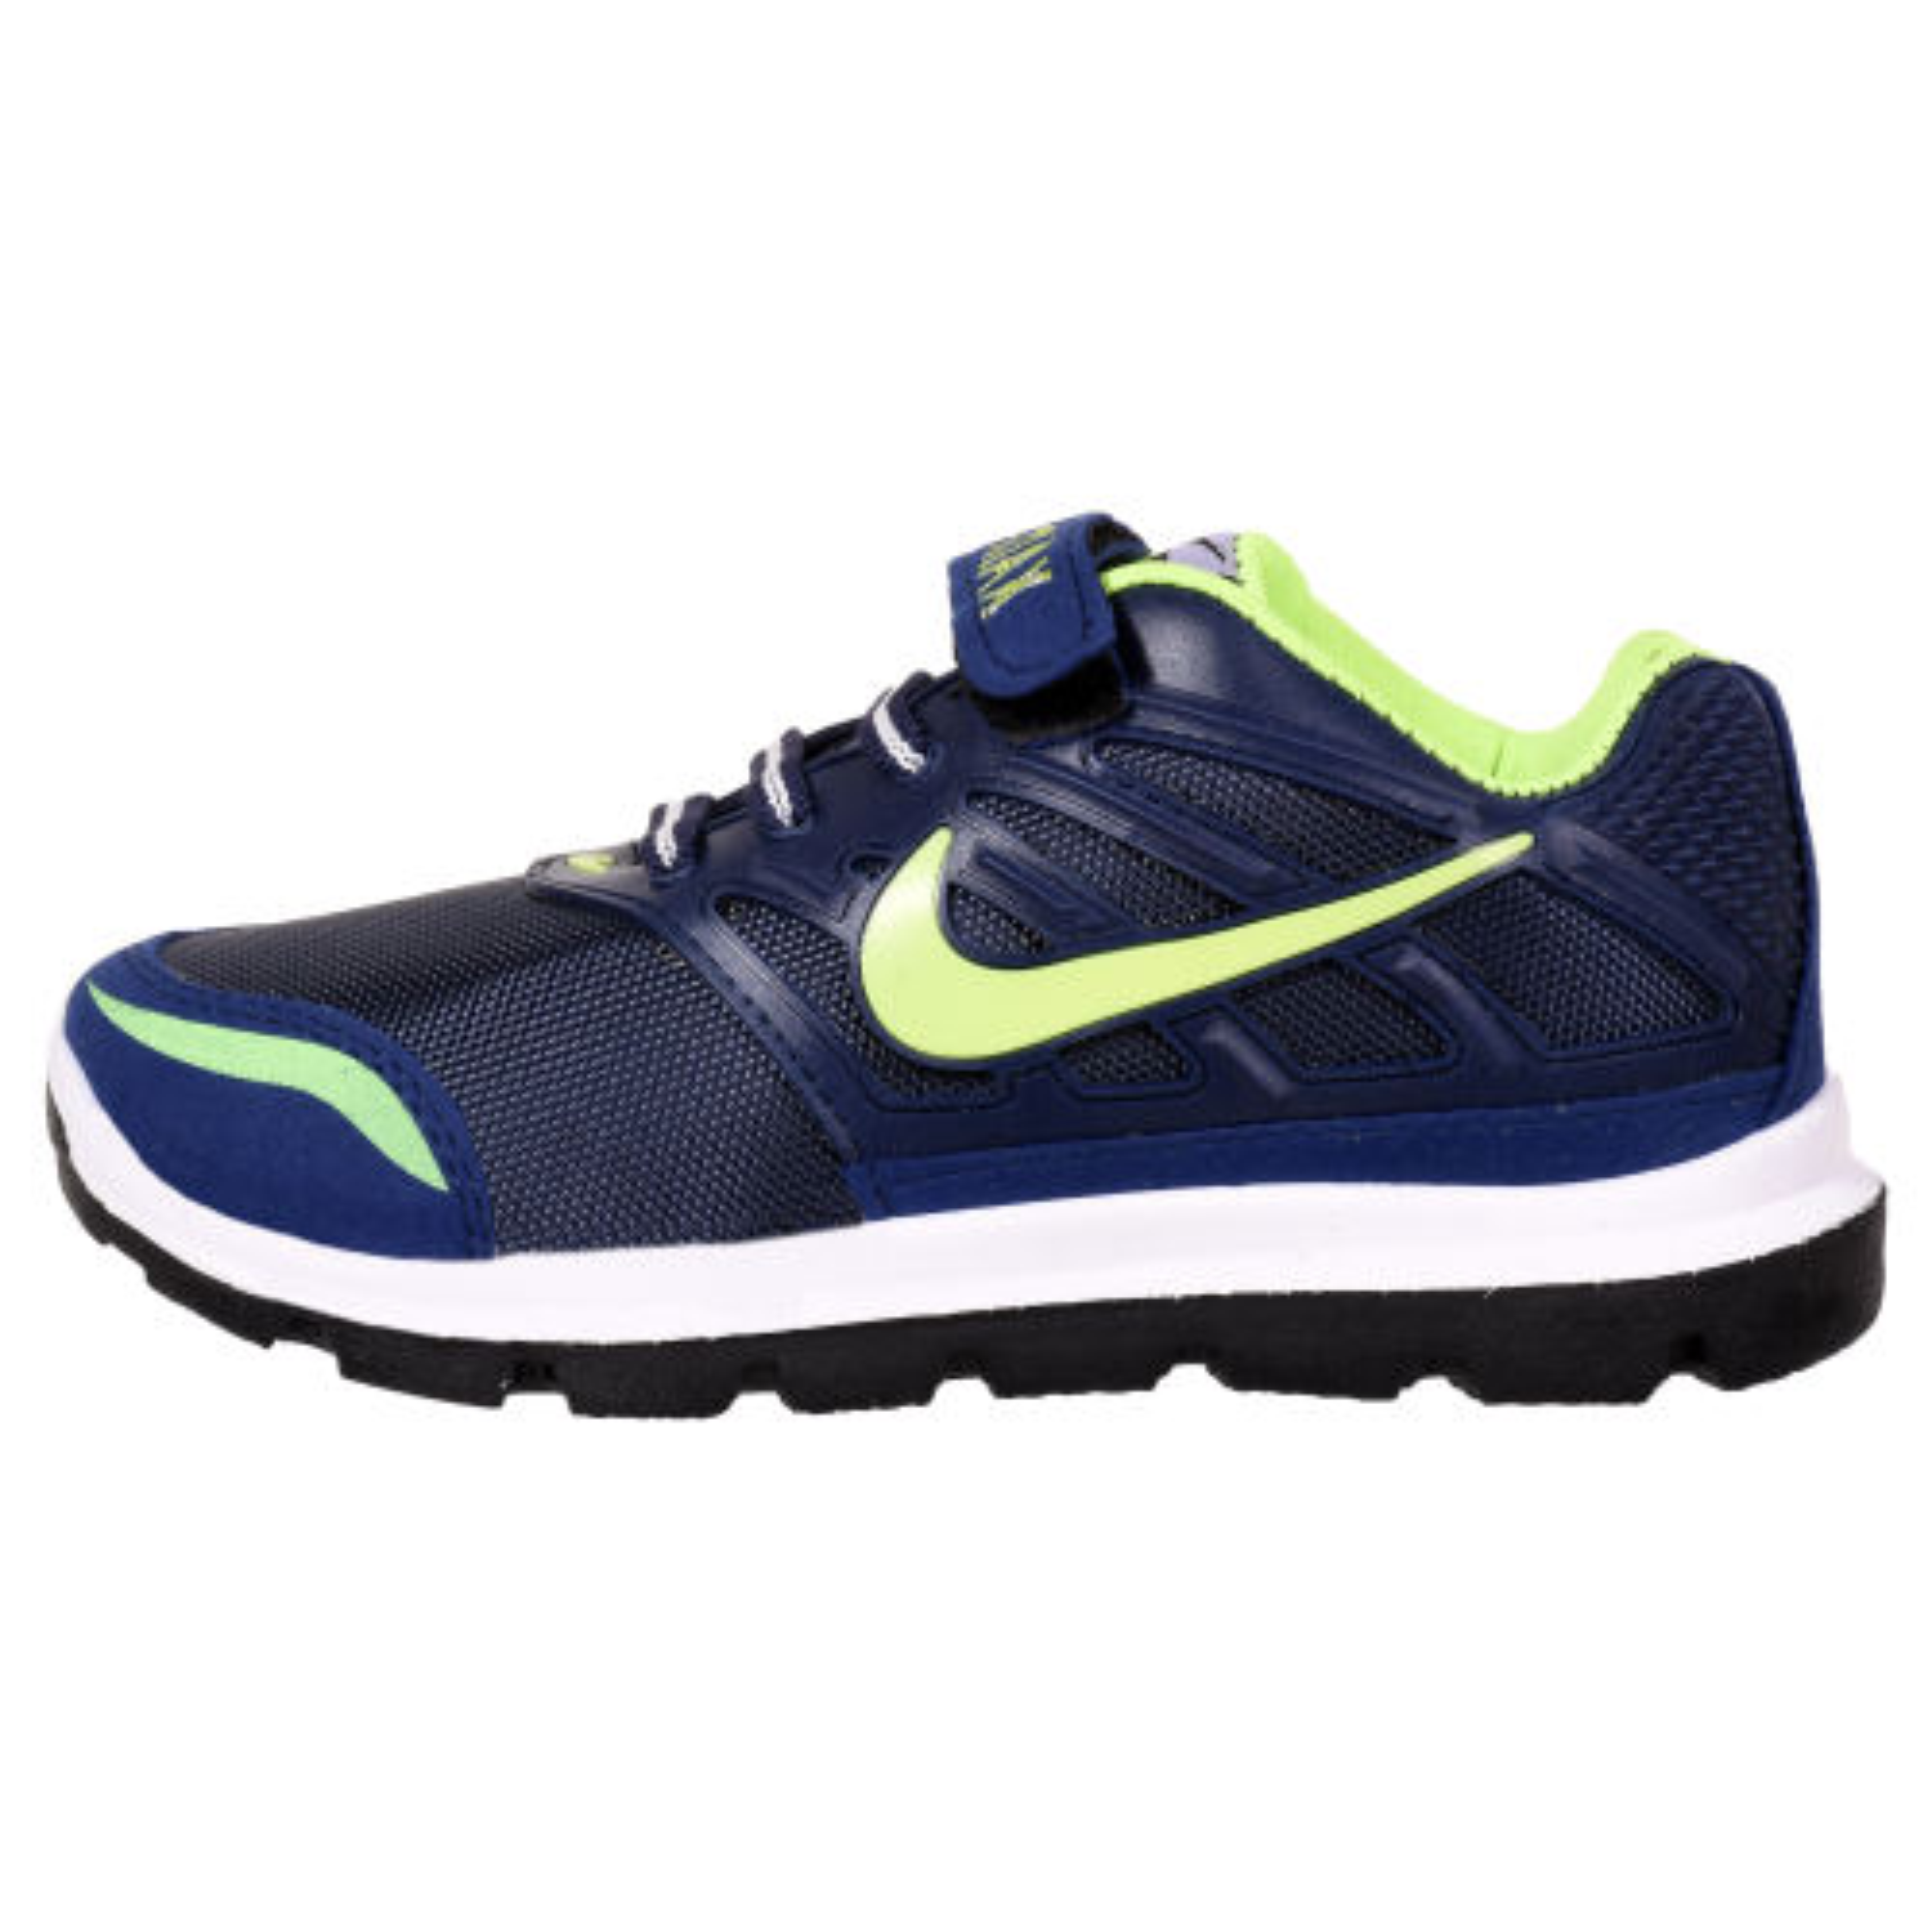 کفش مخصوص پیاده روی پسرانه کد 13-39650